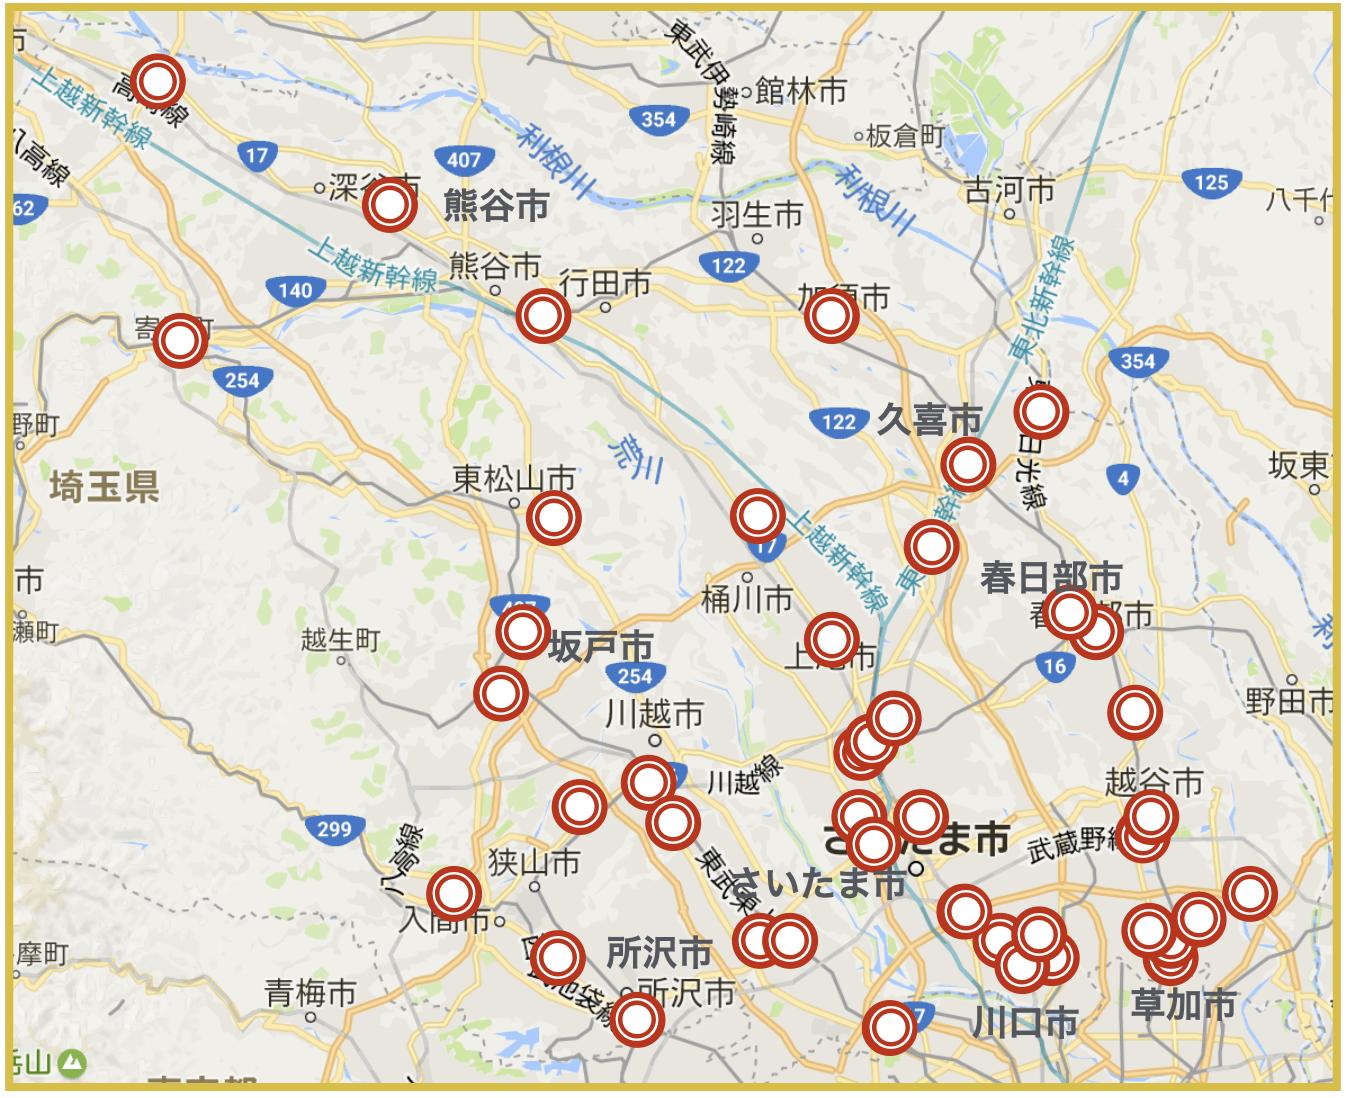 埼玉県にあるプロミス店舗・ATMの位置(2020年版)